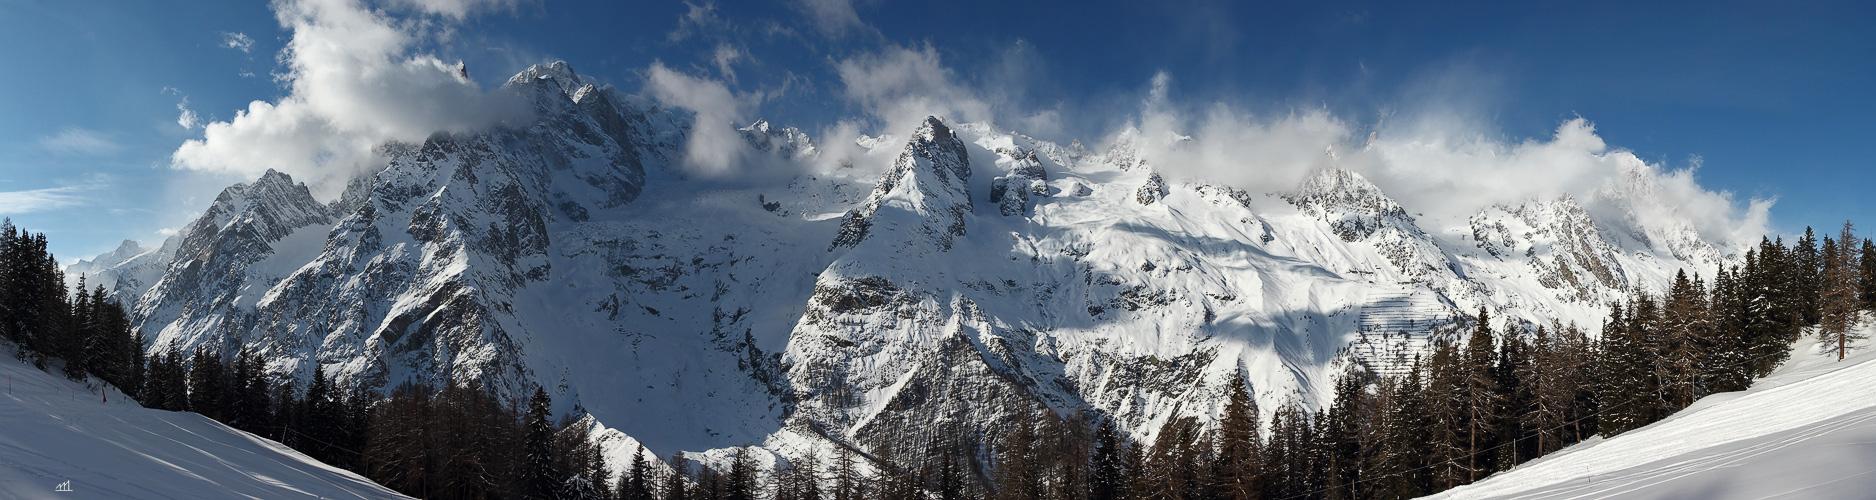 Der weisse Herrscher verhüllt seine Berge - etwas